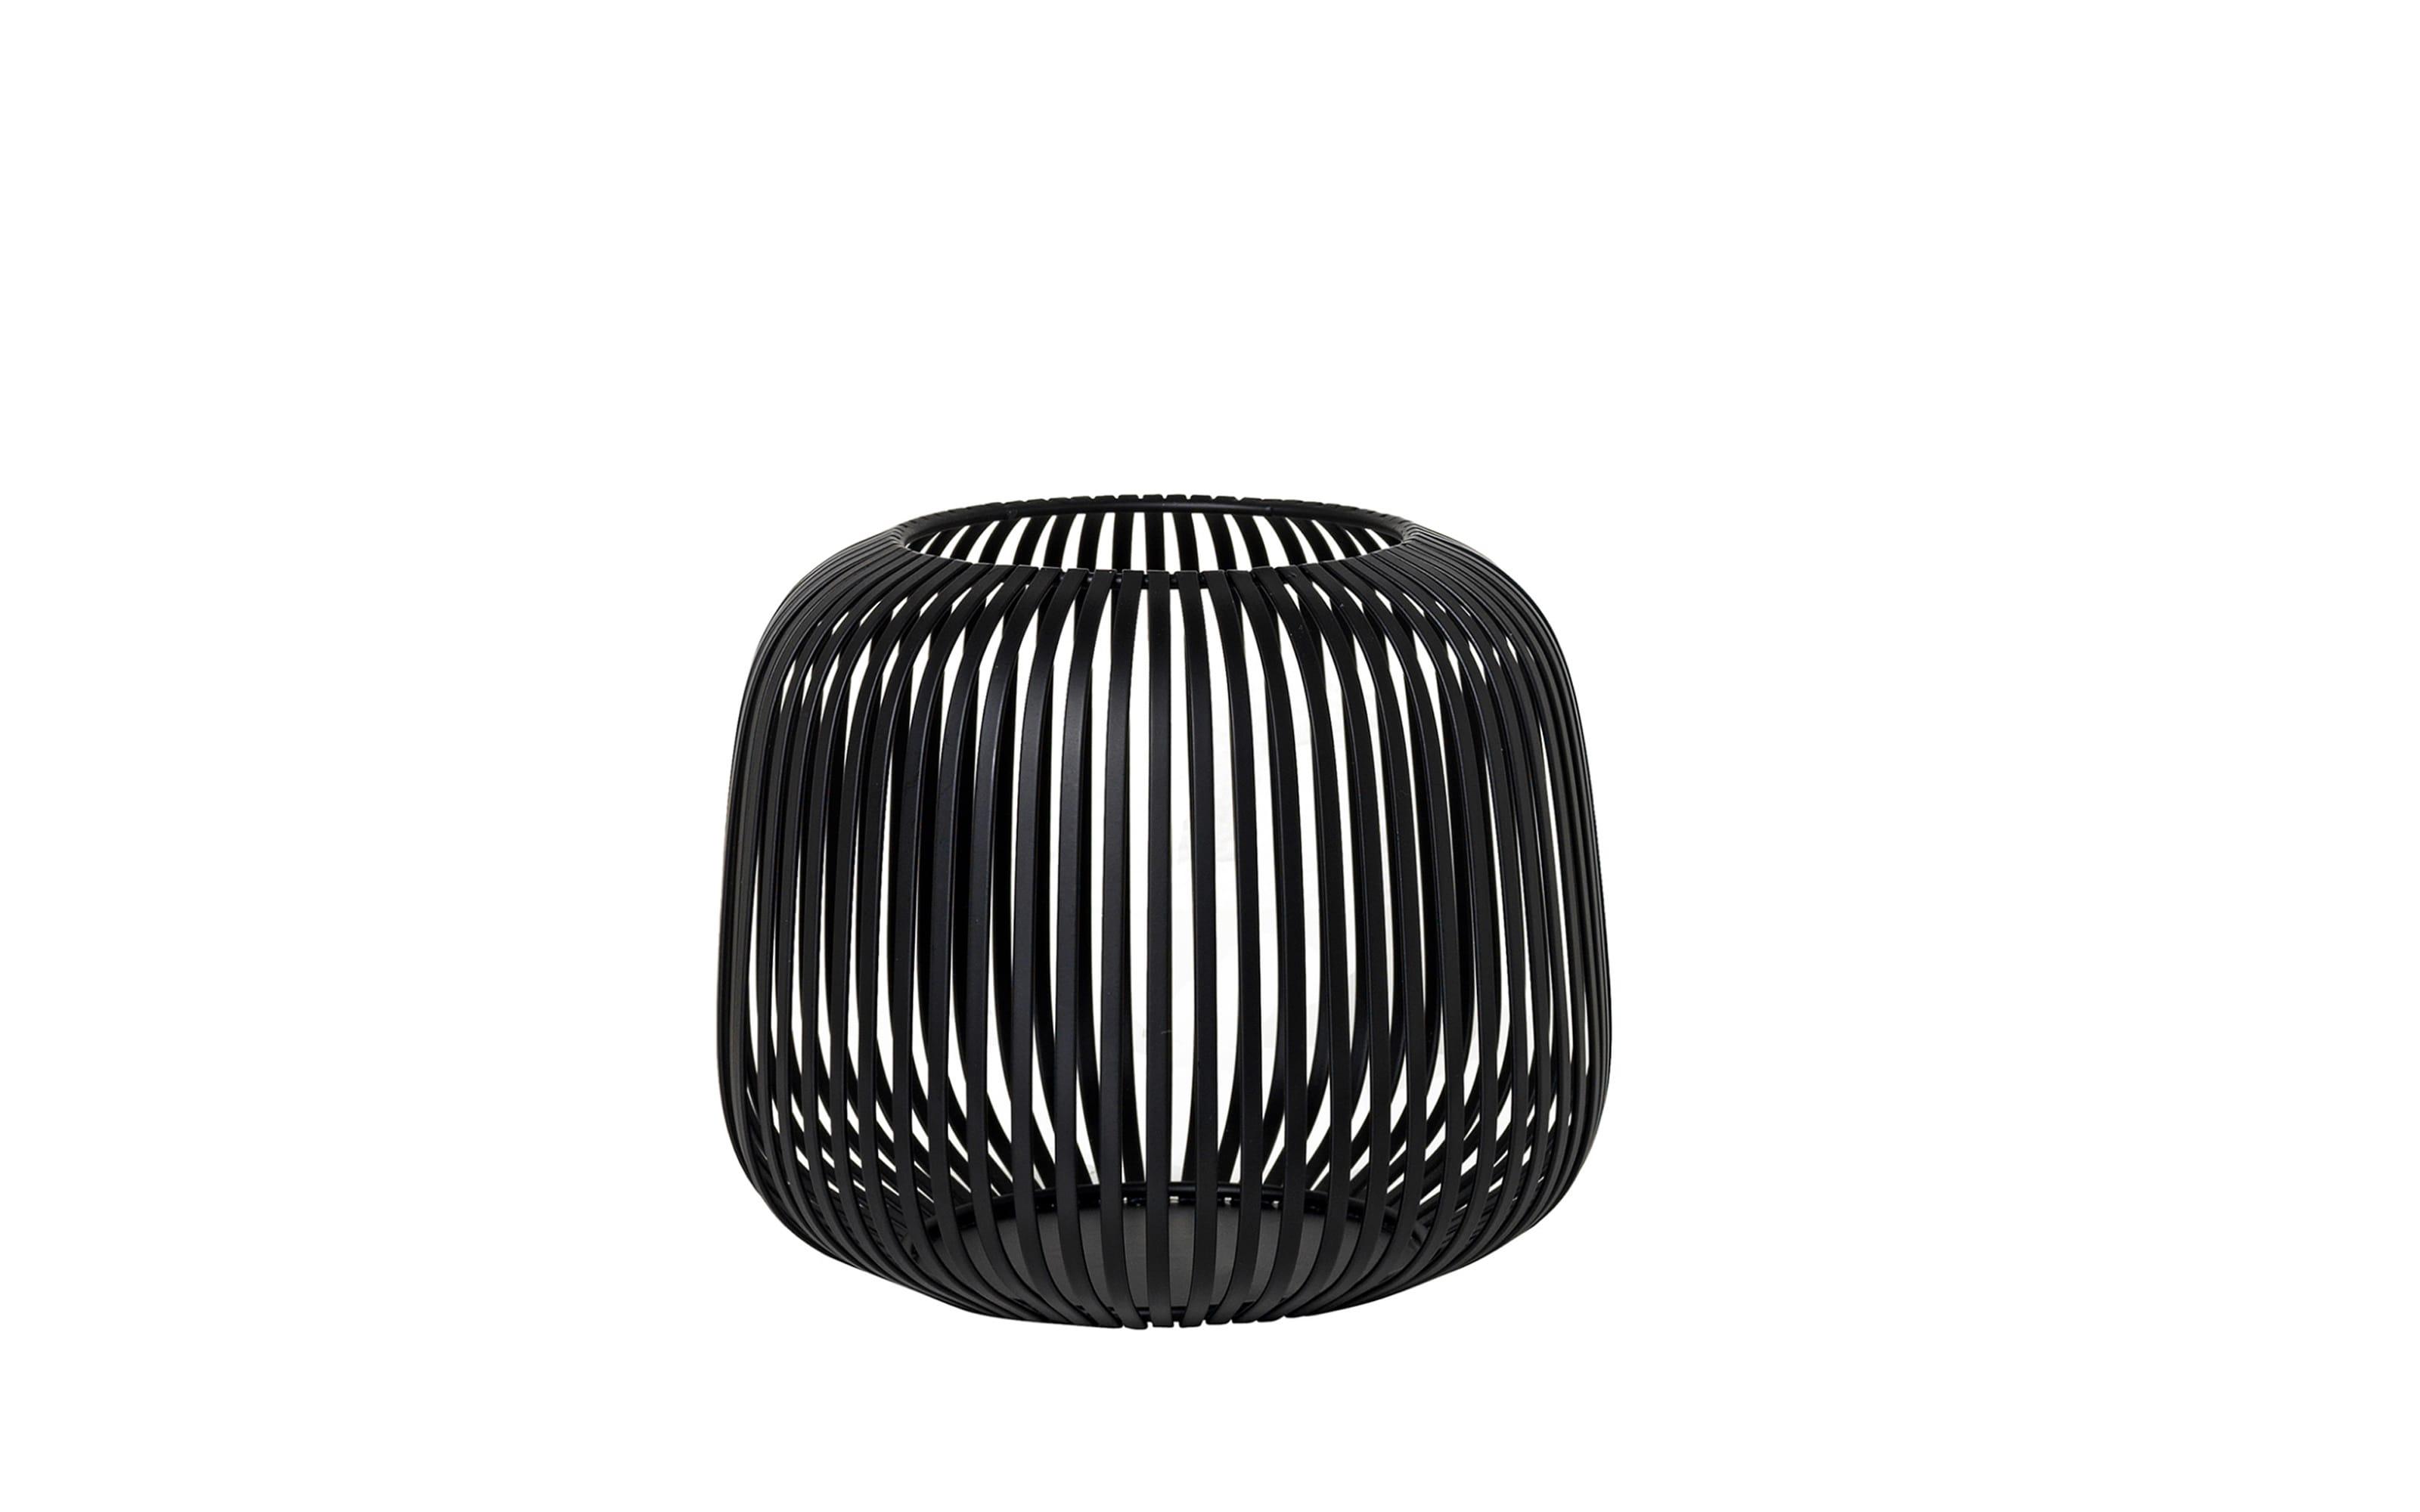 Laterne Lito in schwarz, 20,8 x 17,5 x 20,8 cm